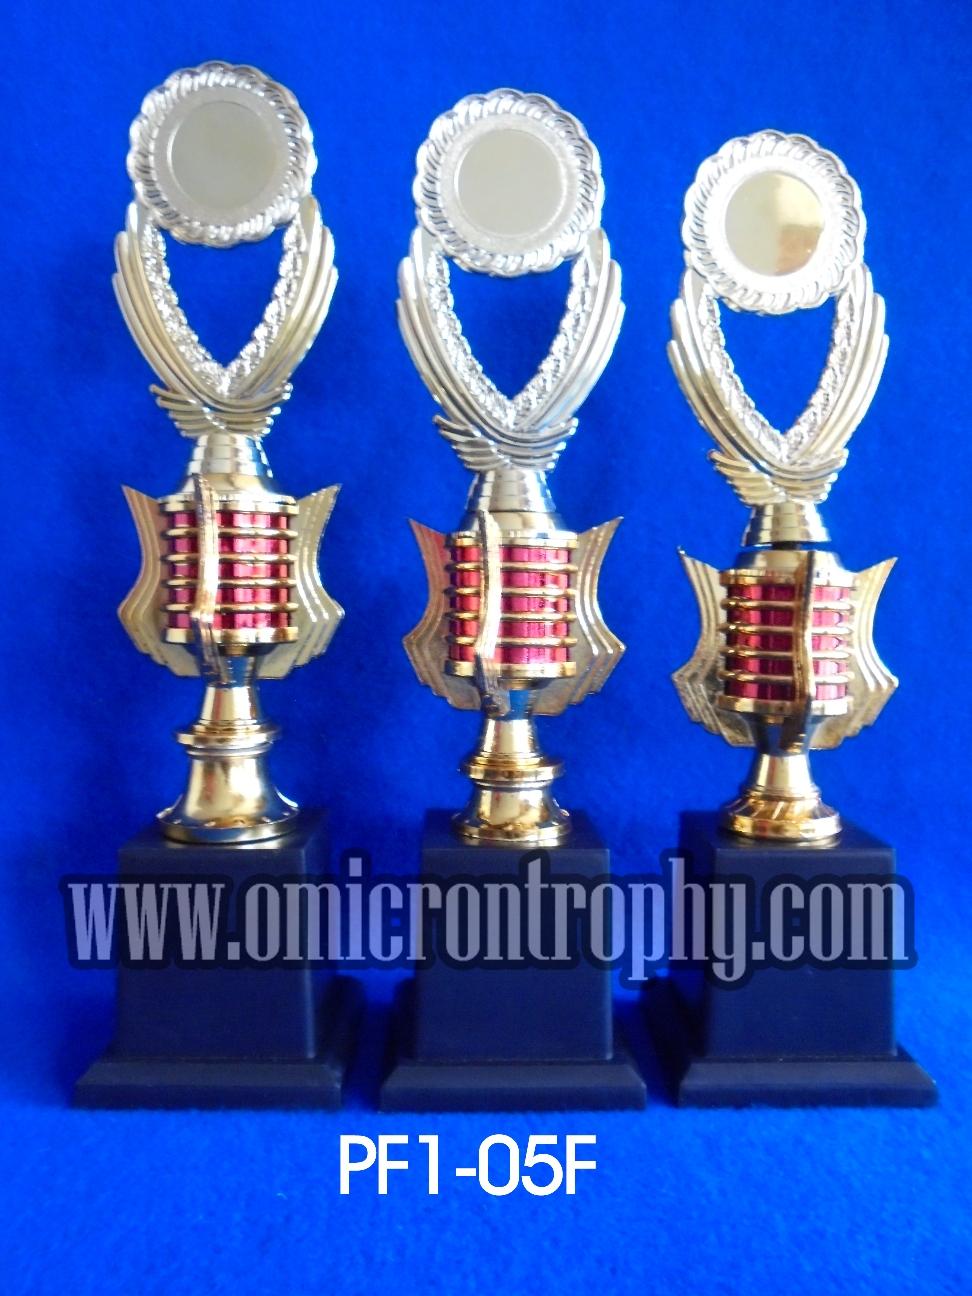 Jual Trophy Murah, Harga Trophy Murah, Pemesanan Trophy Harga Murah